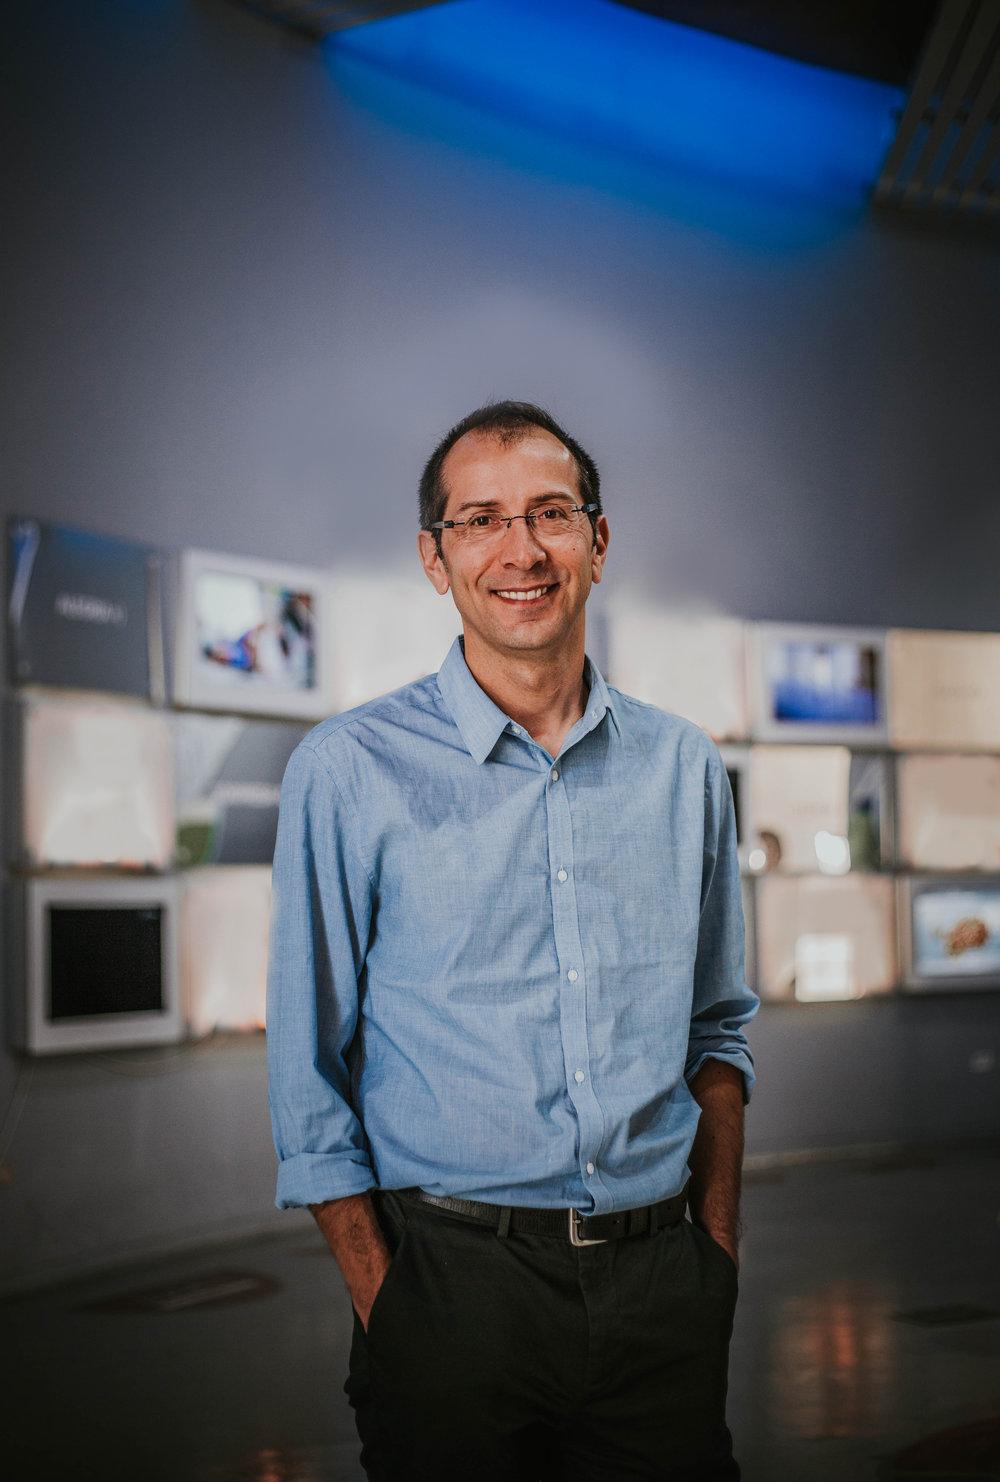 Dr. Juan Carlos Gacitúa, Director del Centro Interactivo de Ciencias, Artes y Tecnologías, CICAT, y Director del Proyecto Asociativo Regional (PAR) Explora CONICYT Biobío.